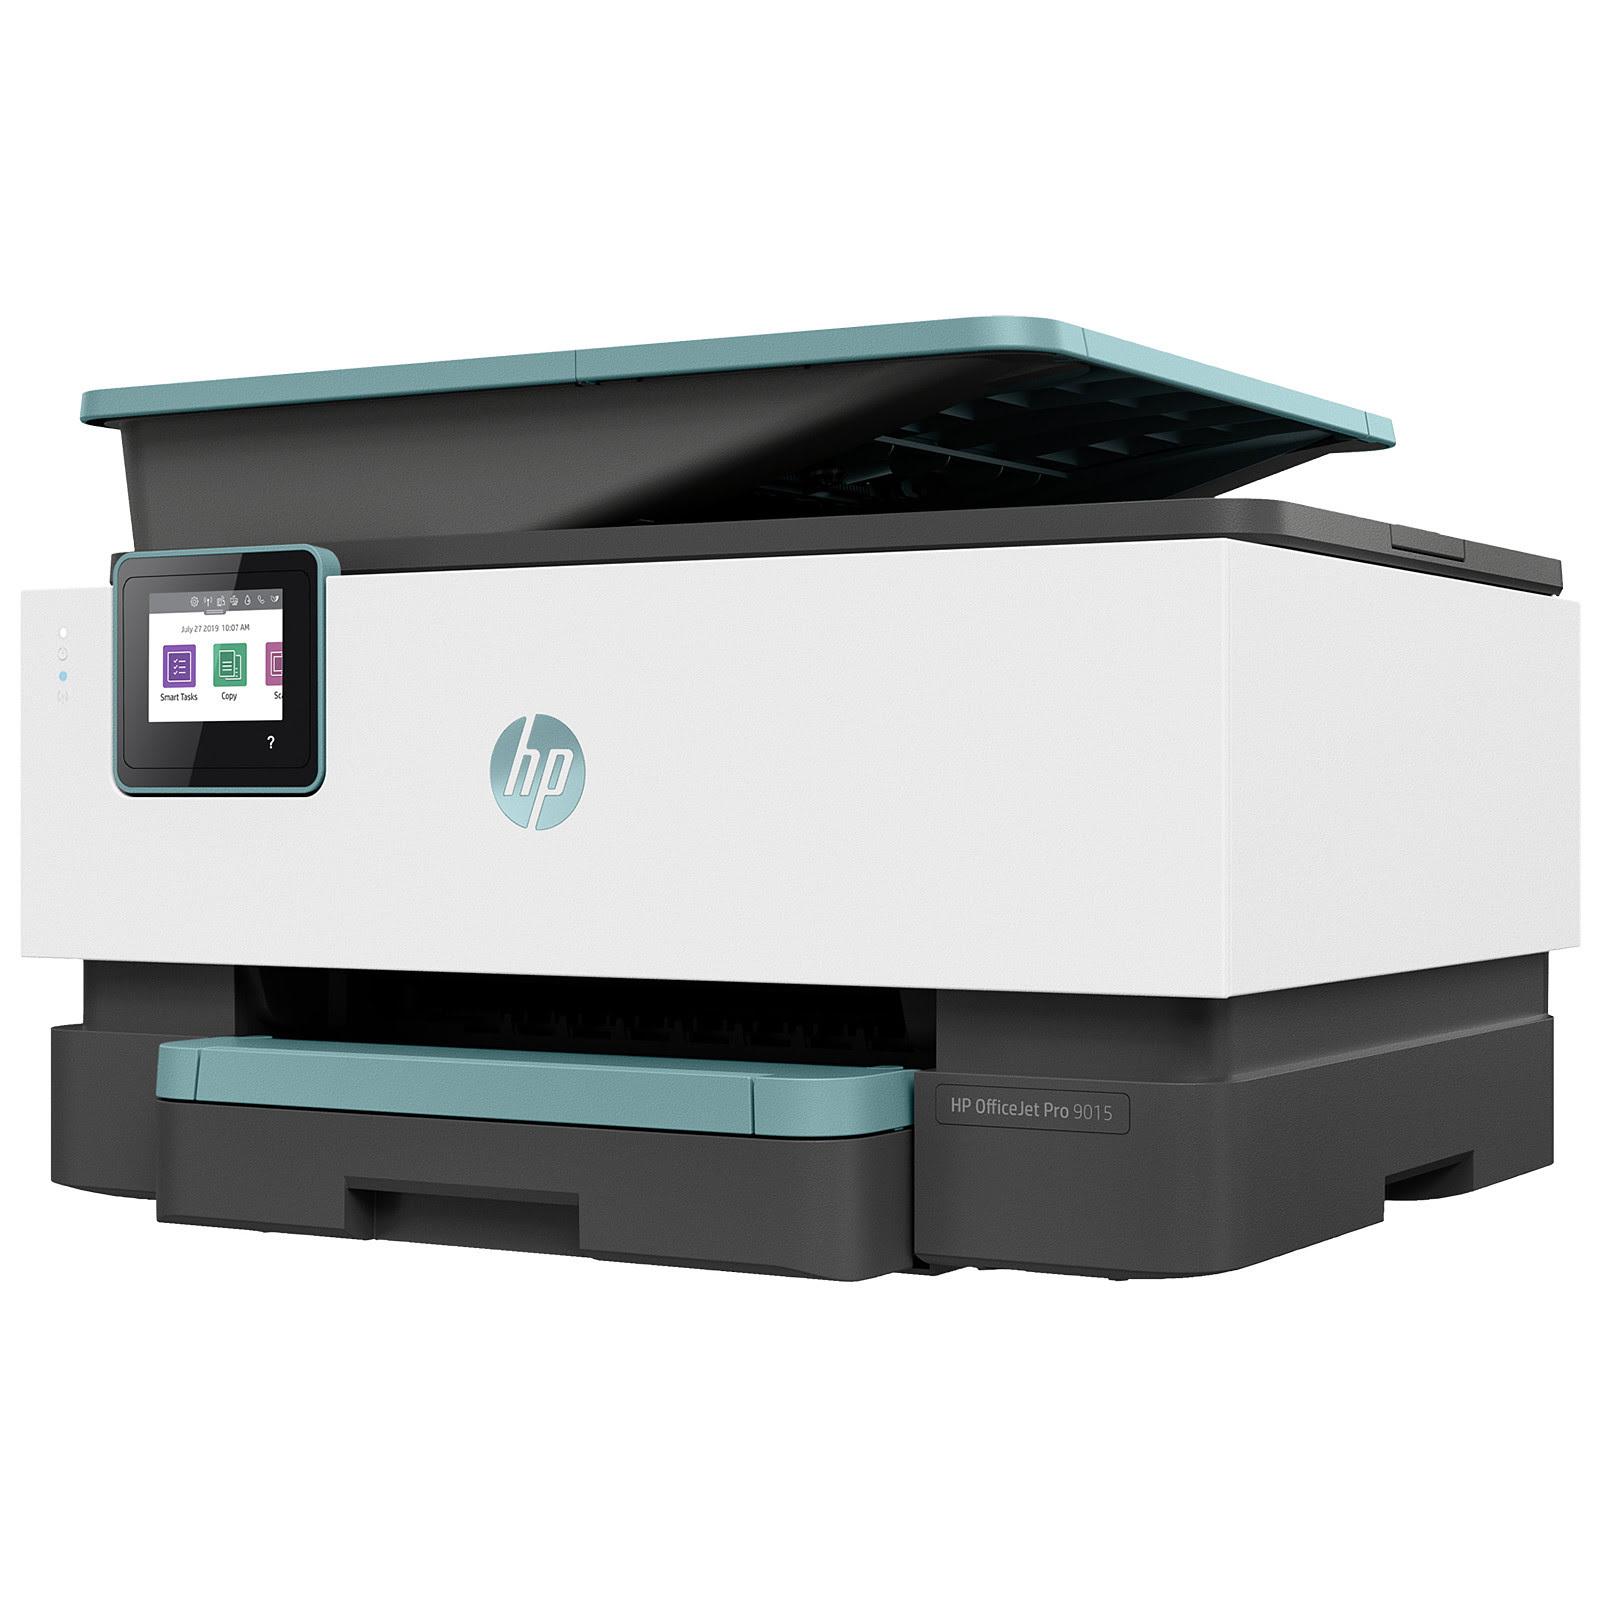 Imprimante multifonction HP OfficeJet Pro 9015 - Cybertek.fr - 1